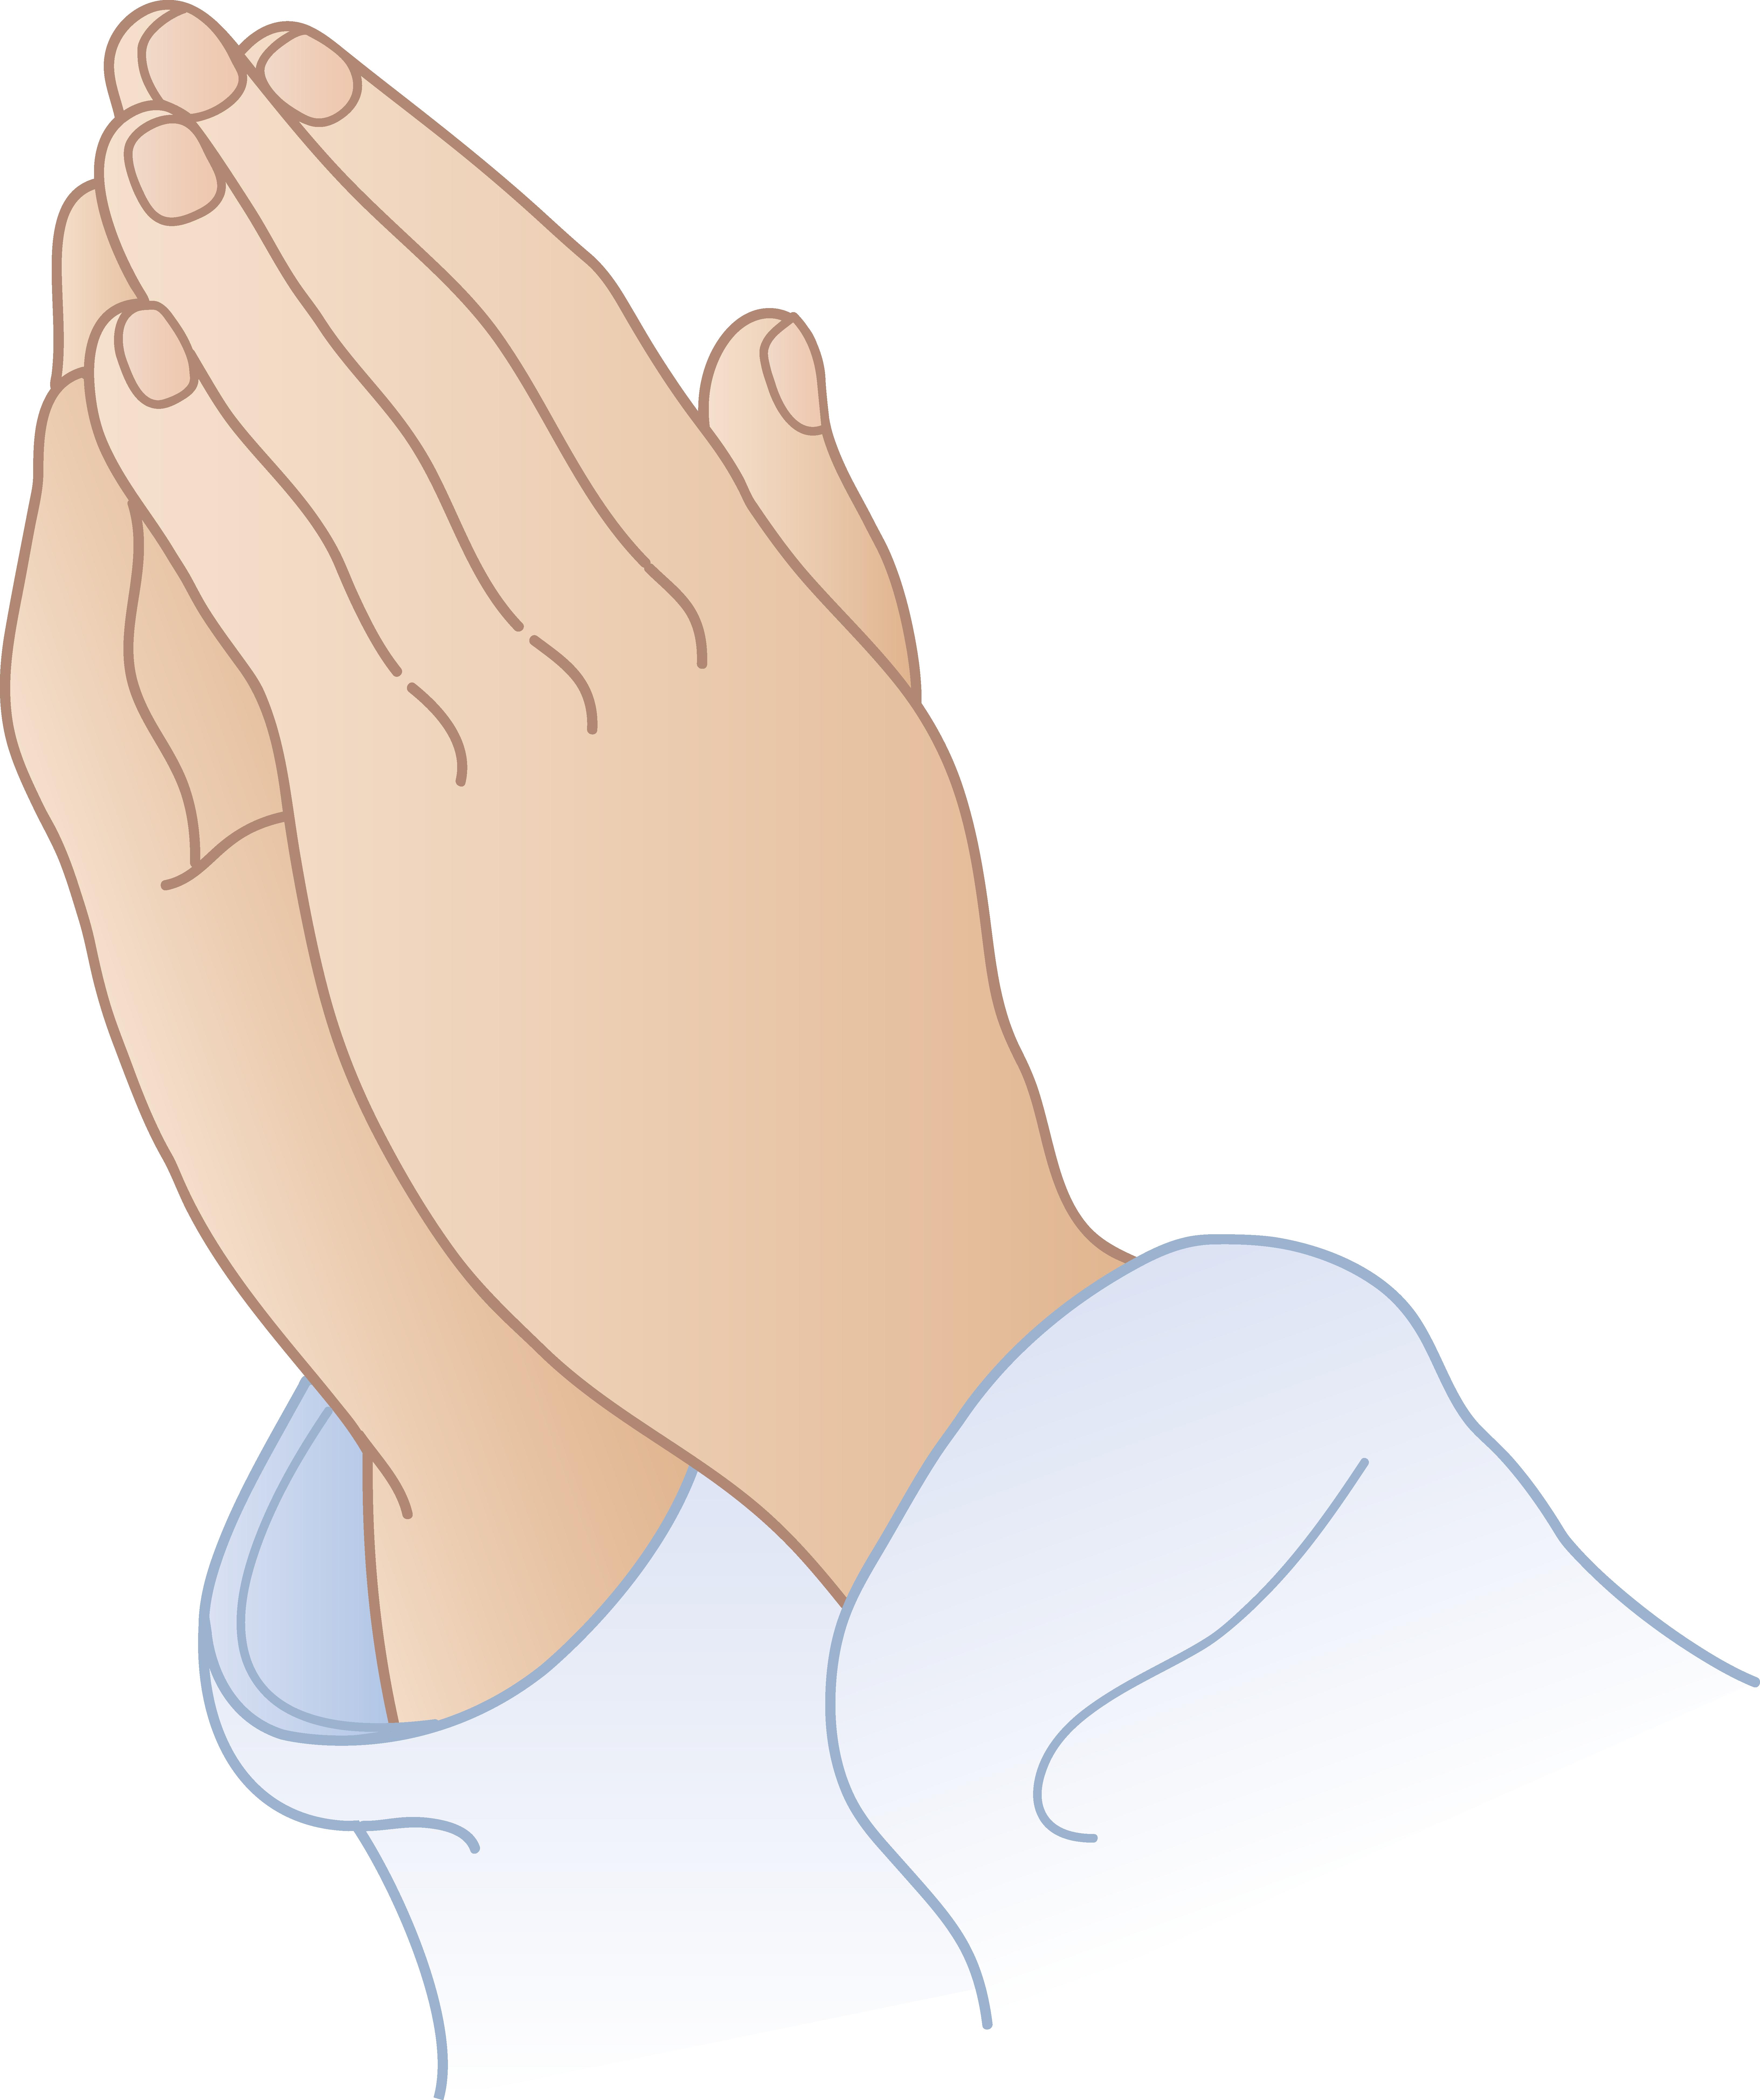 banner free download Hand Emoji Clipart pray